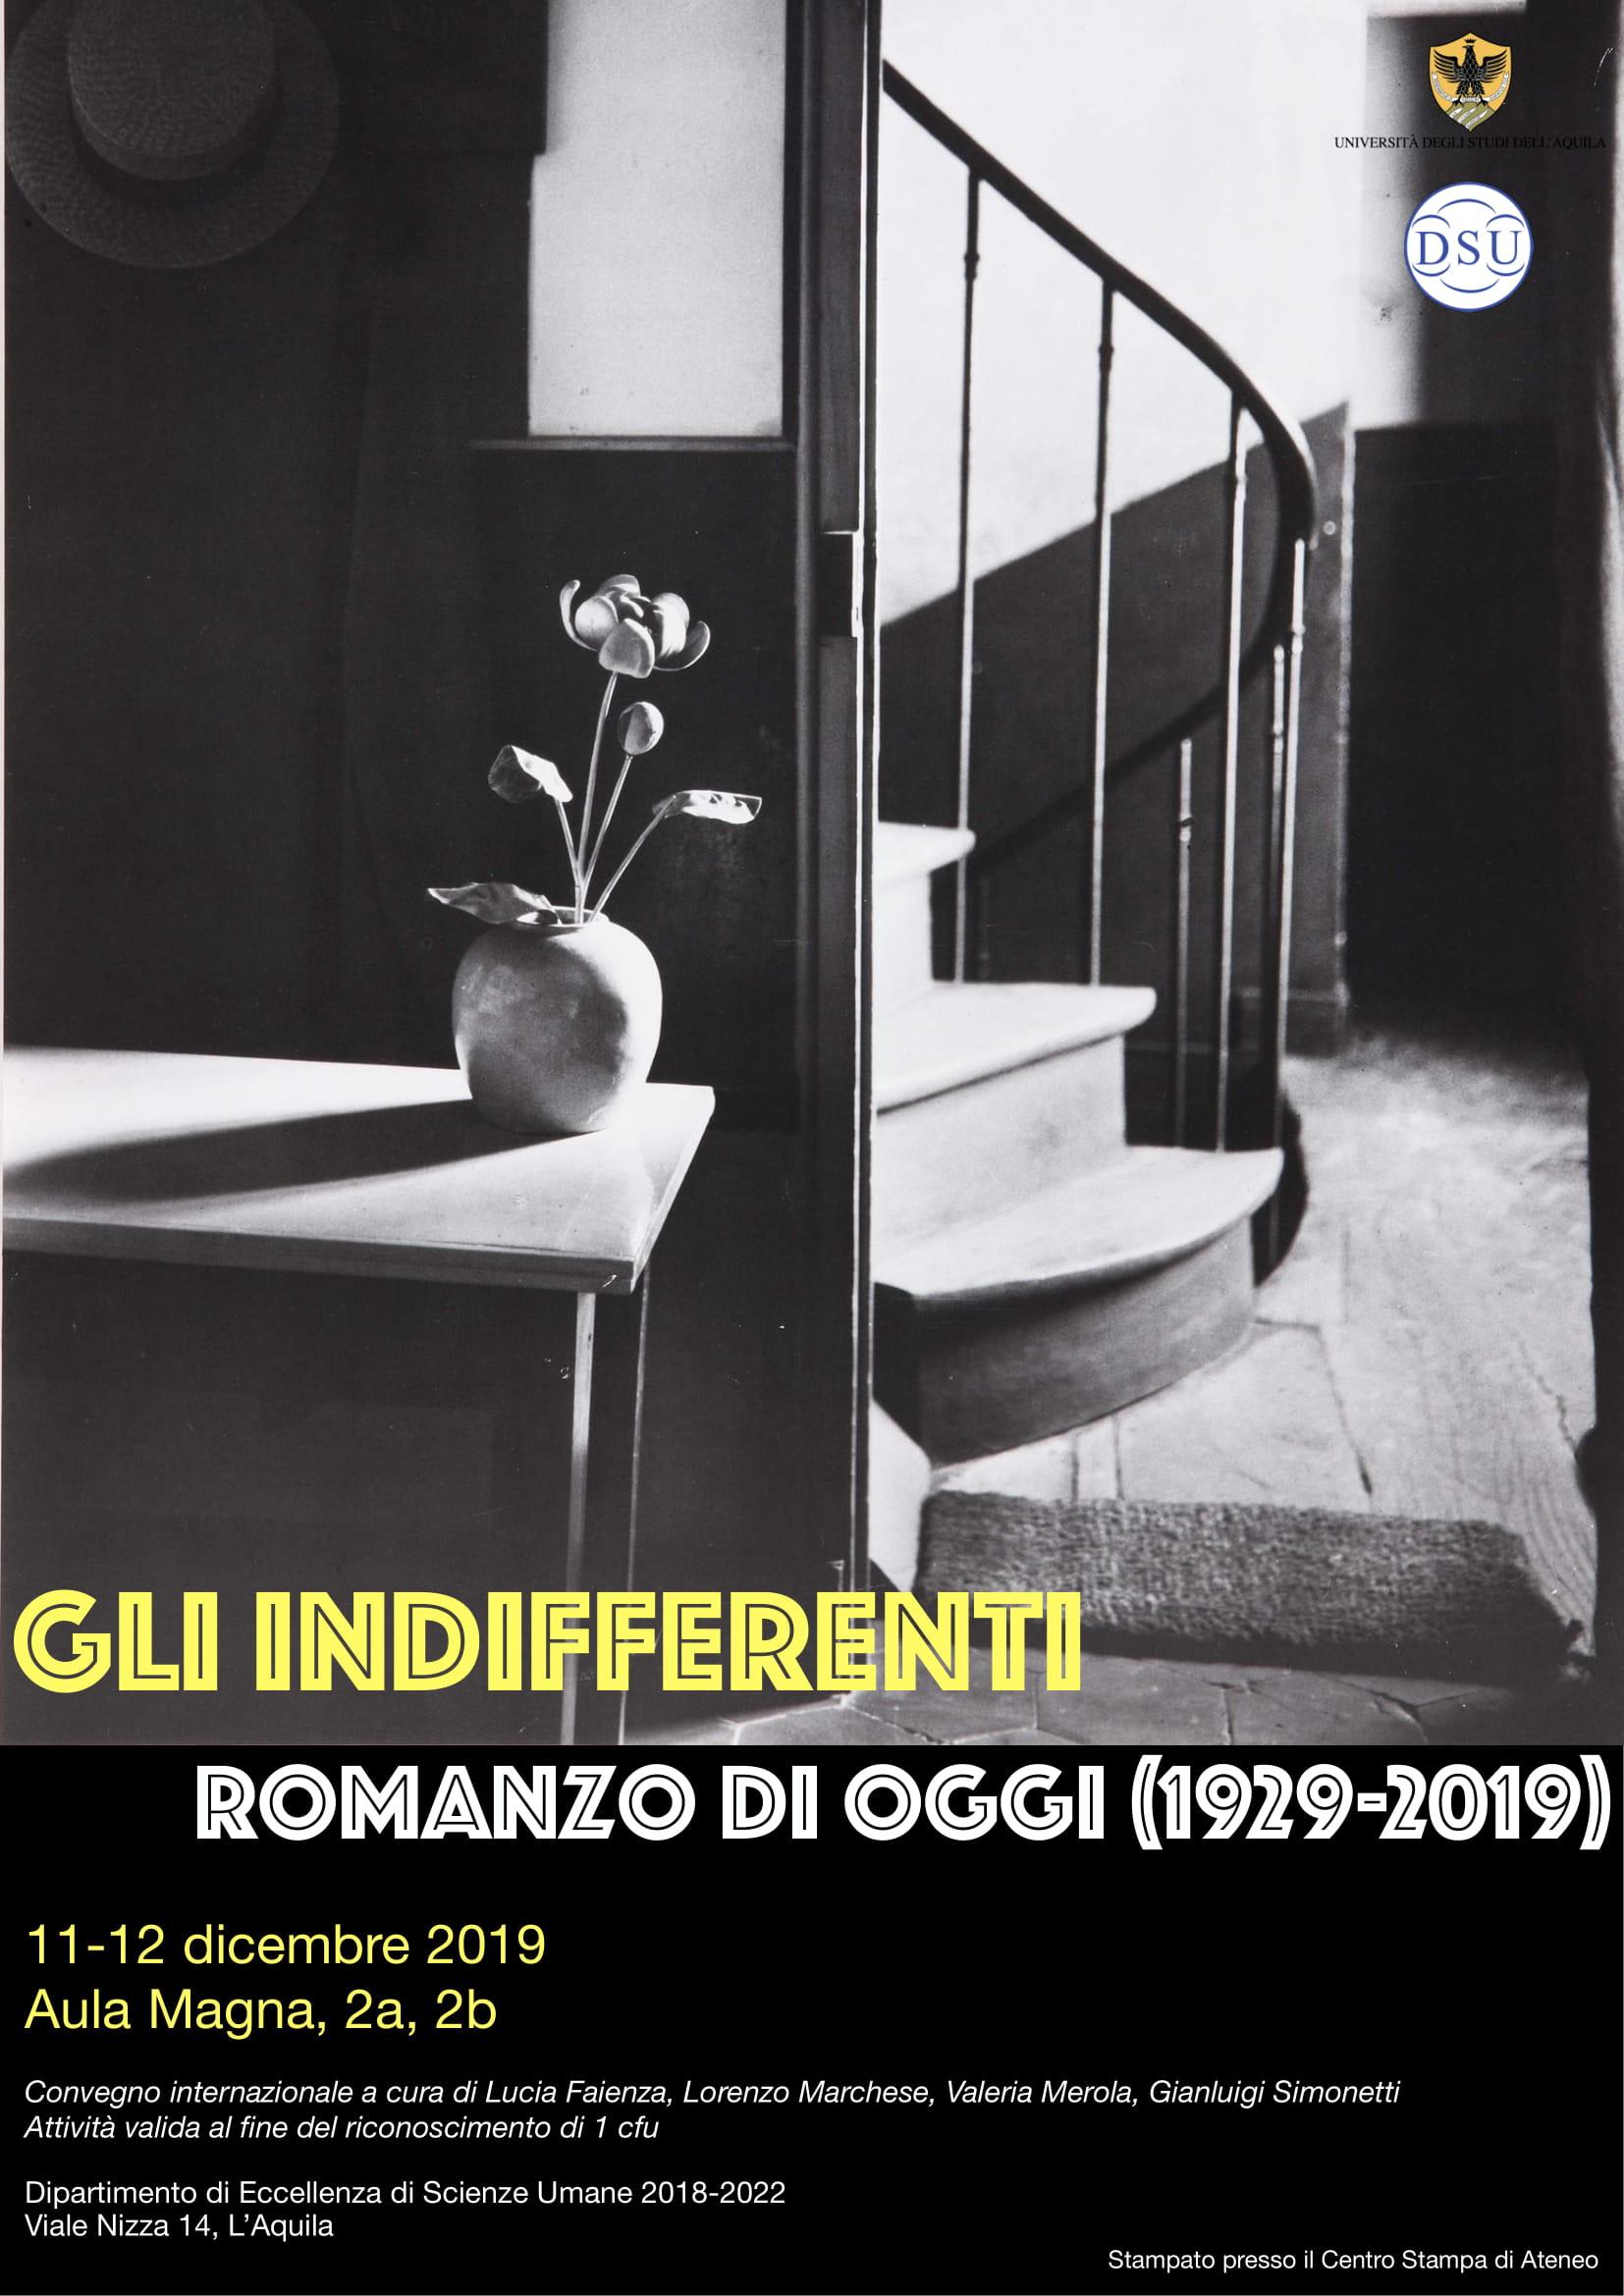 Convegno Gli indifferenti romanzo di oggi (1929-2019)